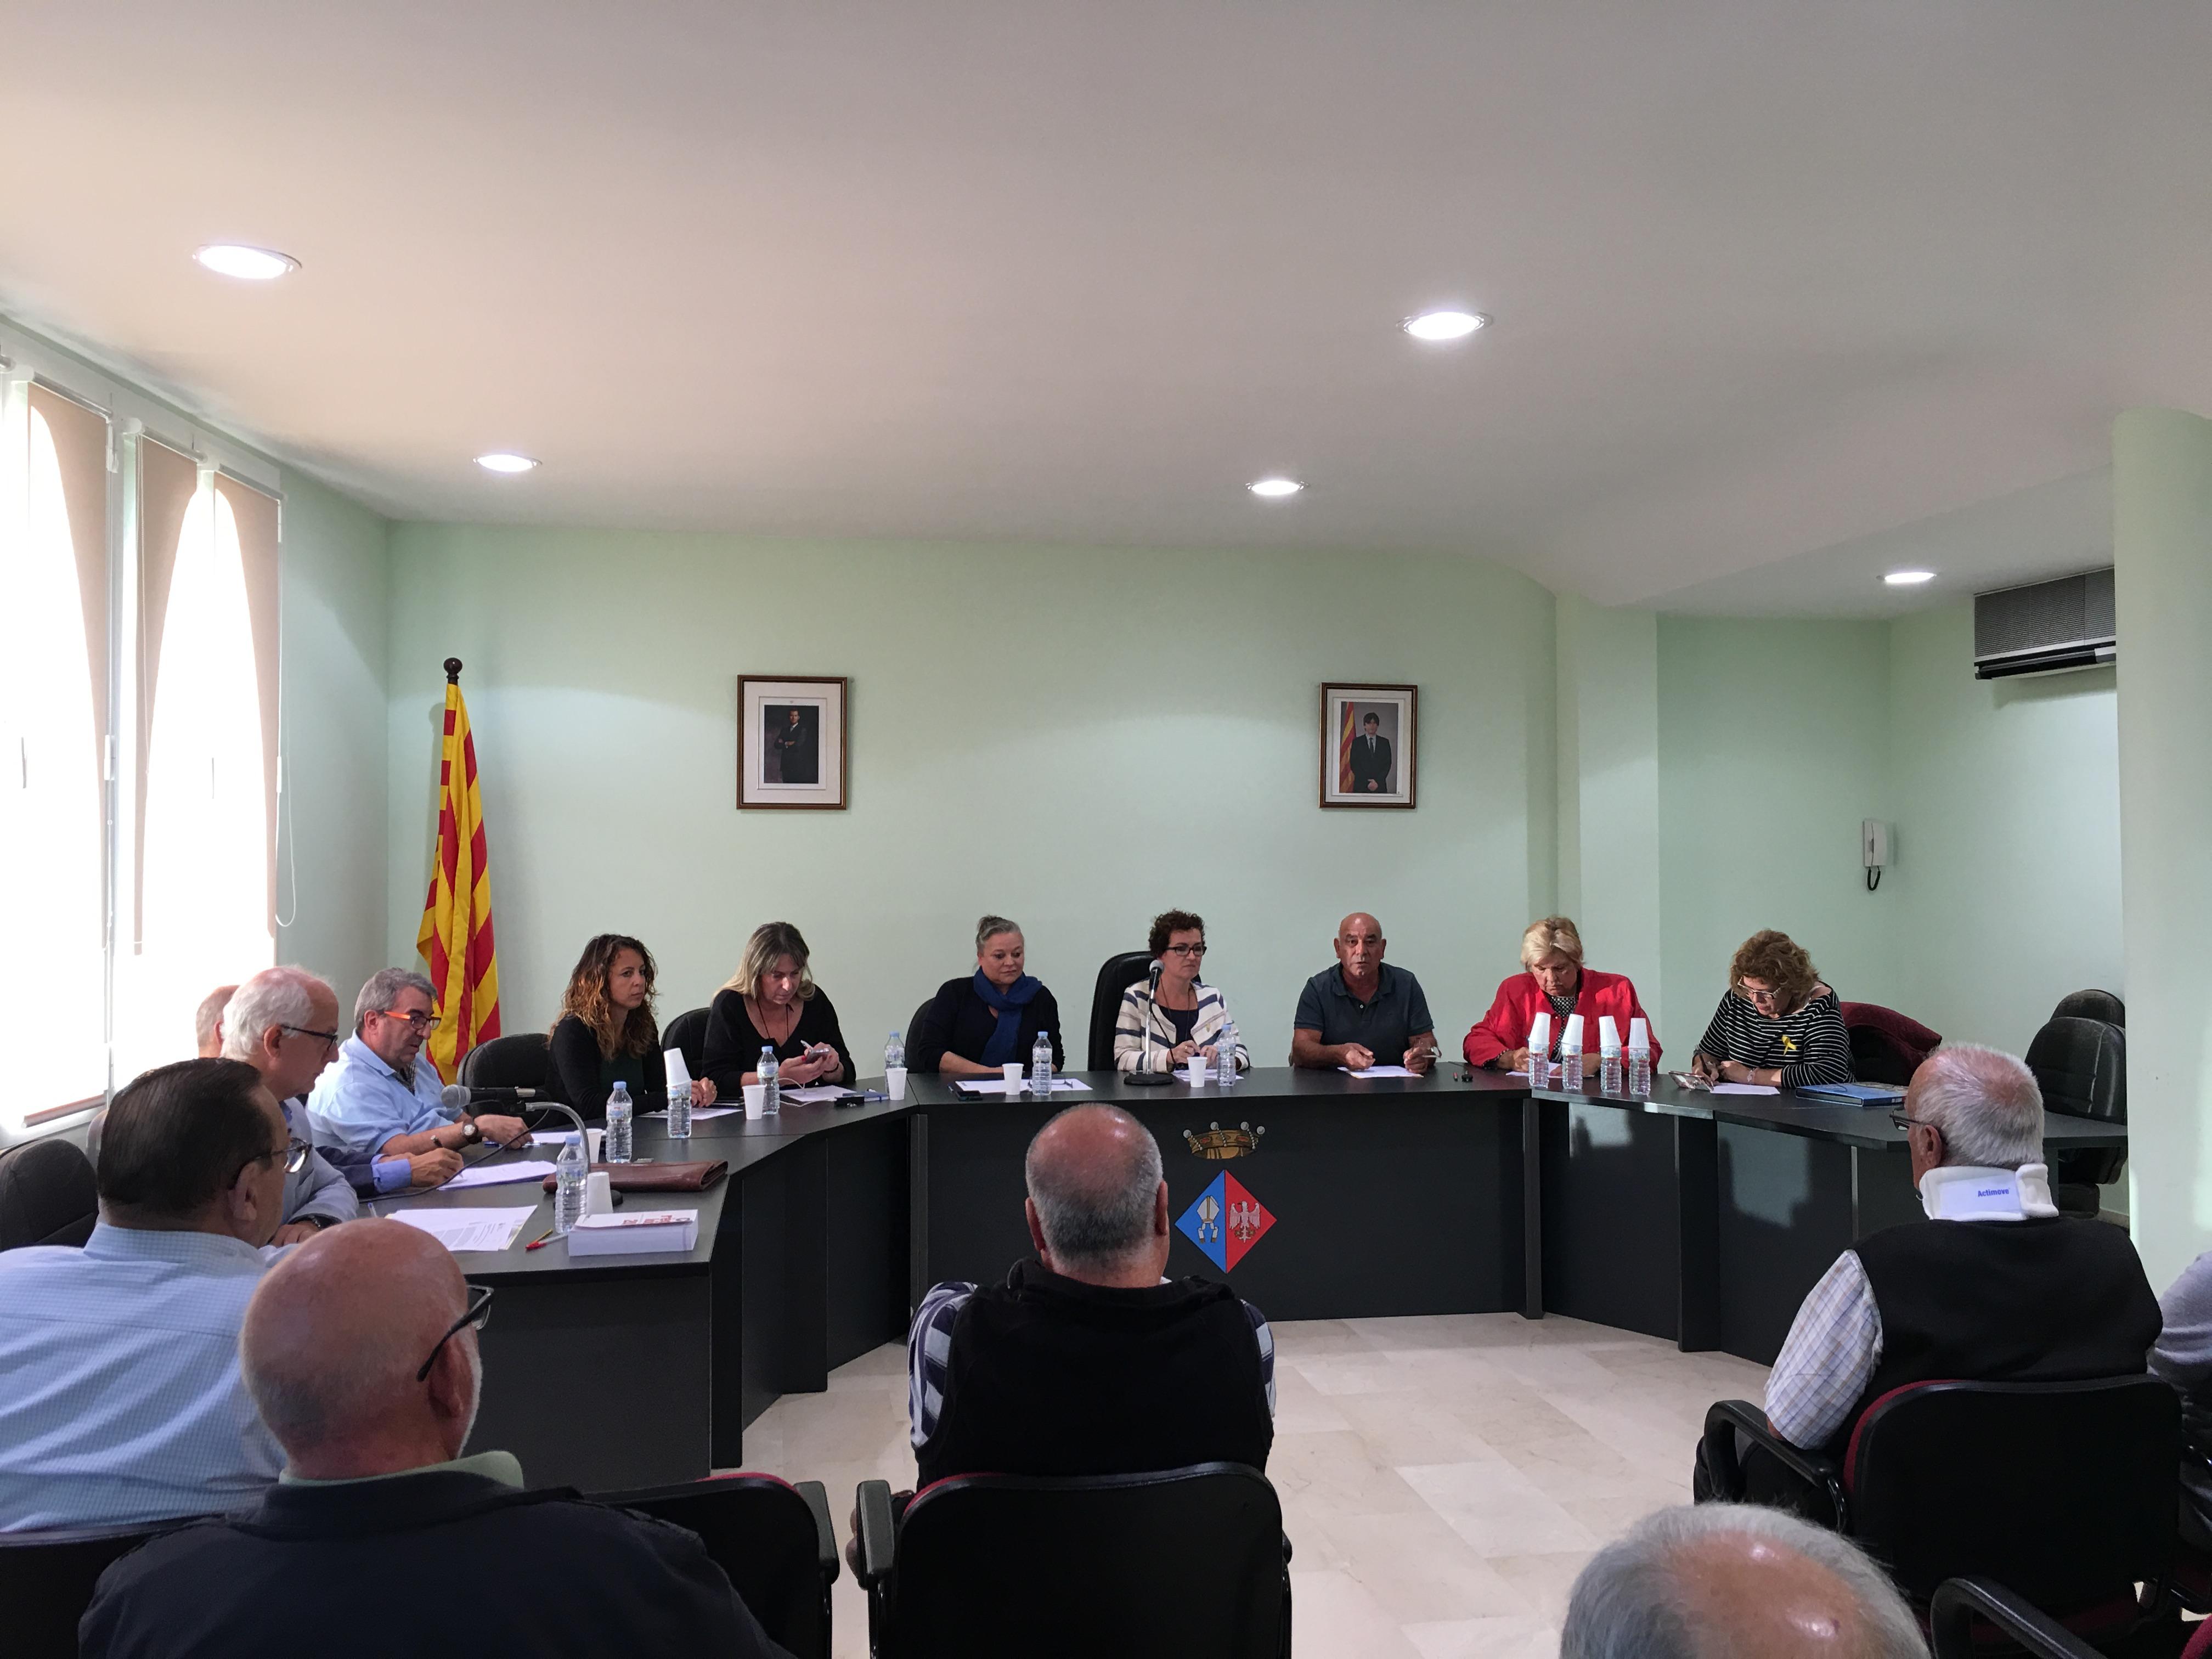 Acords del ple extraordinari celebrat el 25 d'octubre de 2017